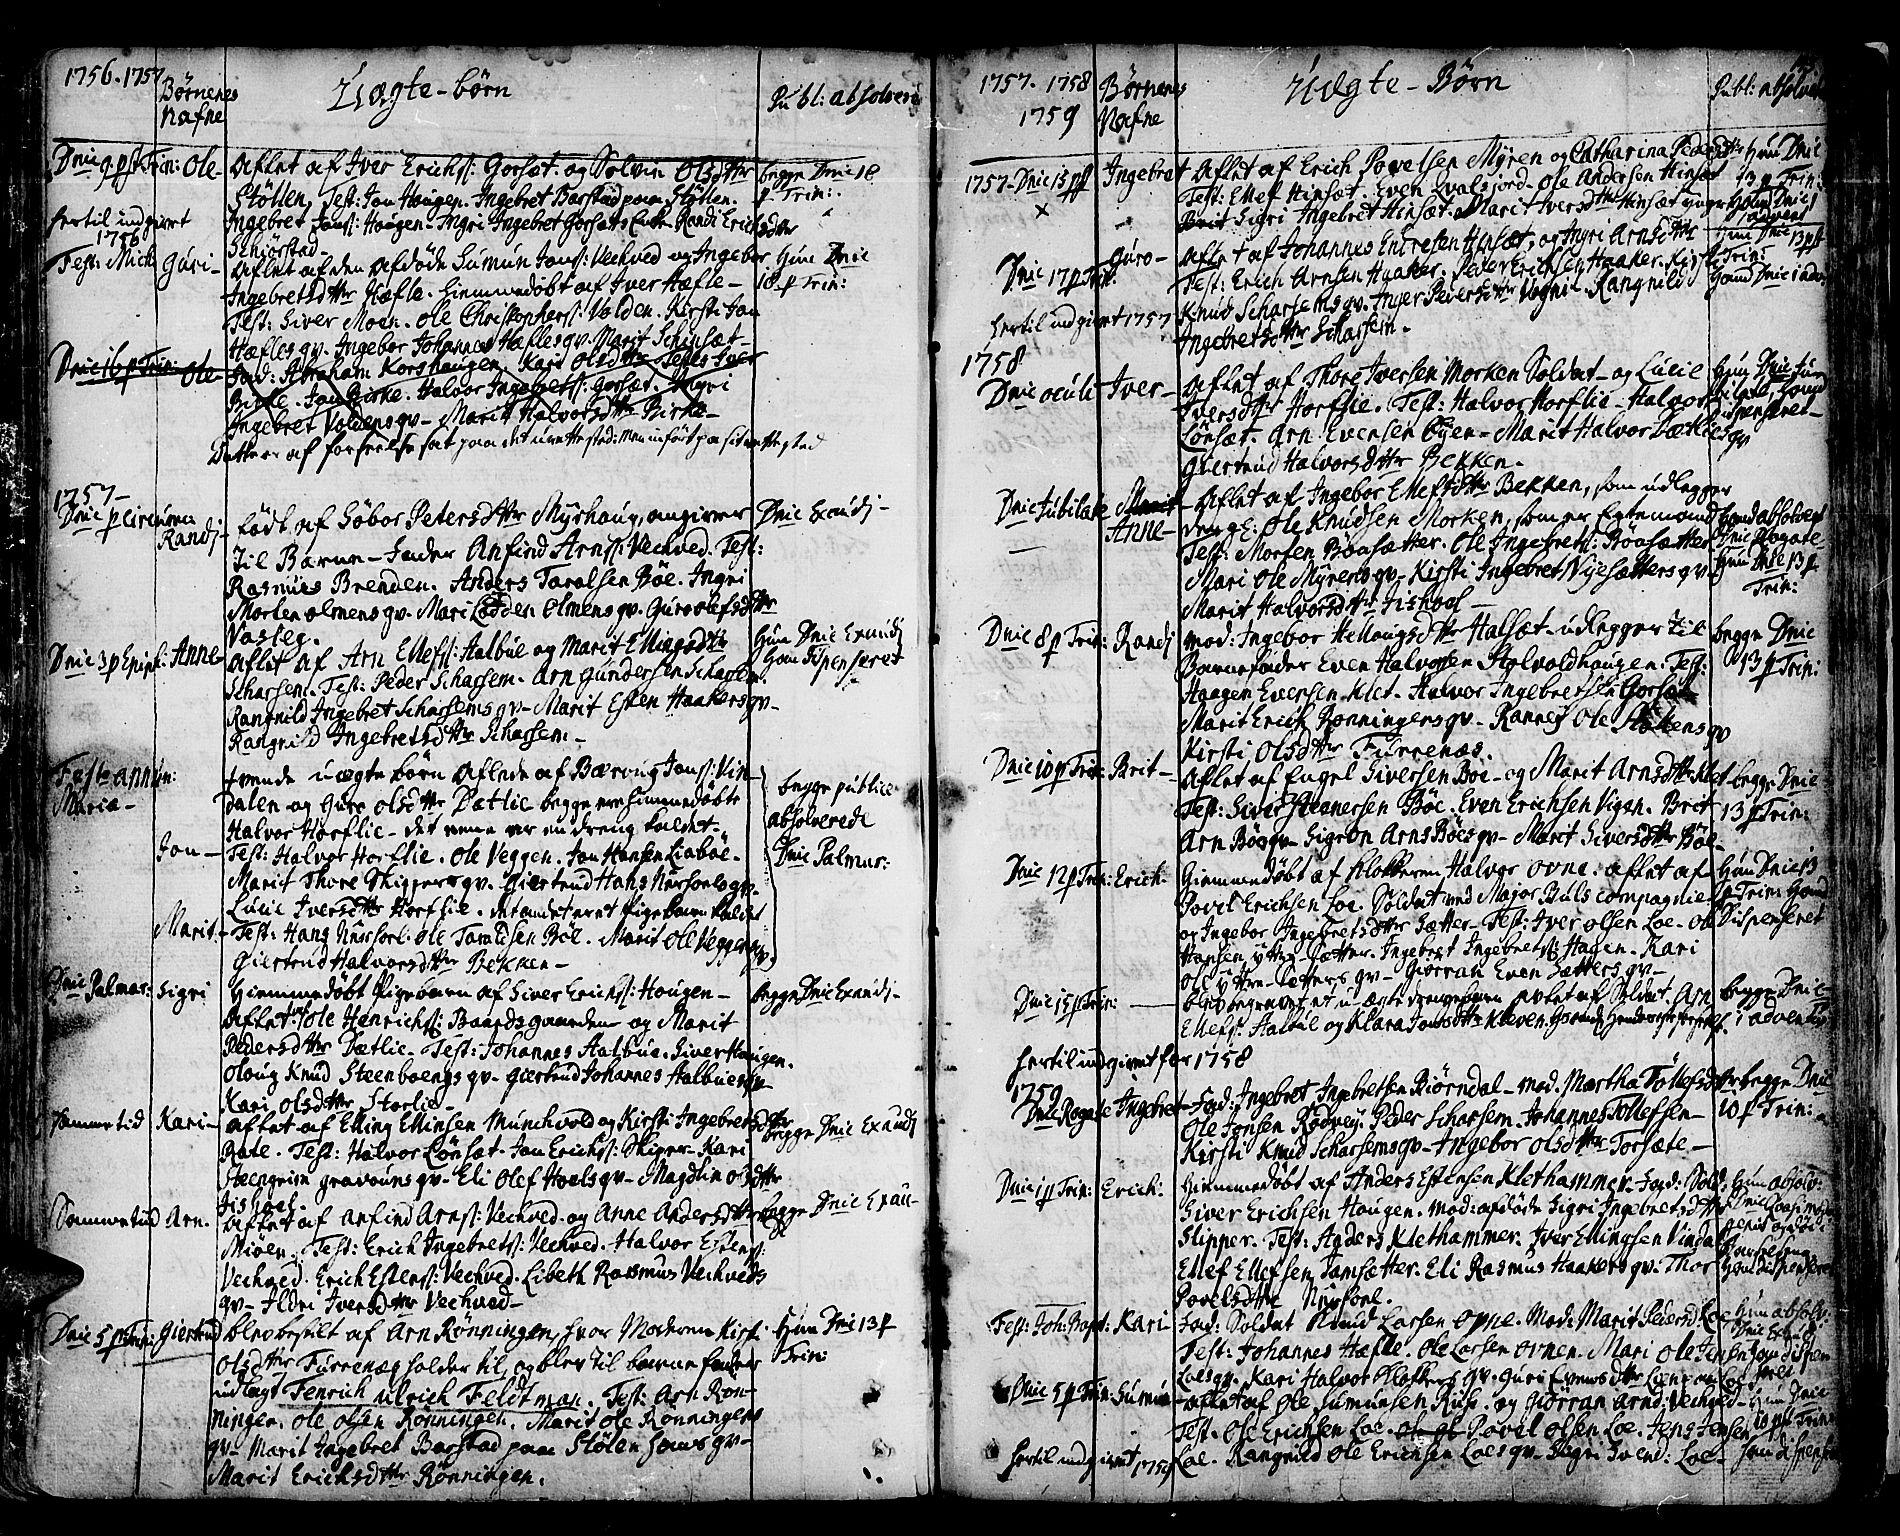 SAT, Ministerialprotokoller, klokkerbøker og fødselsregistre - Sør-Trøndelag, 678/L0891: Ministerialbok nr. 678A01, 1739-1780, s. 143